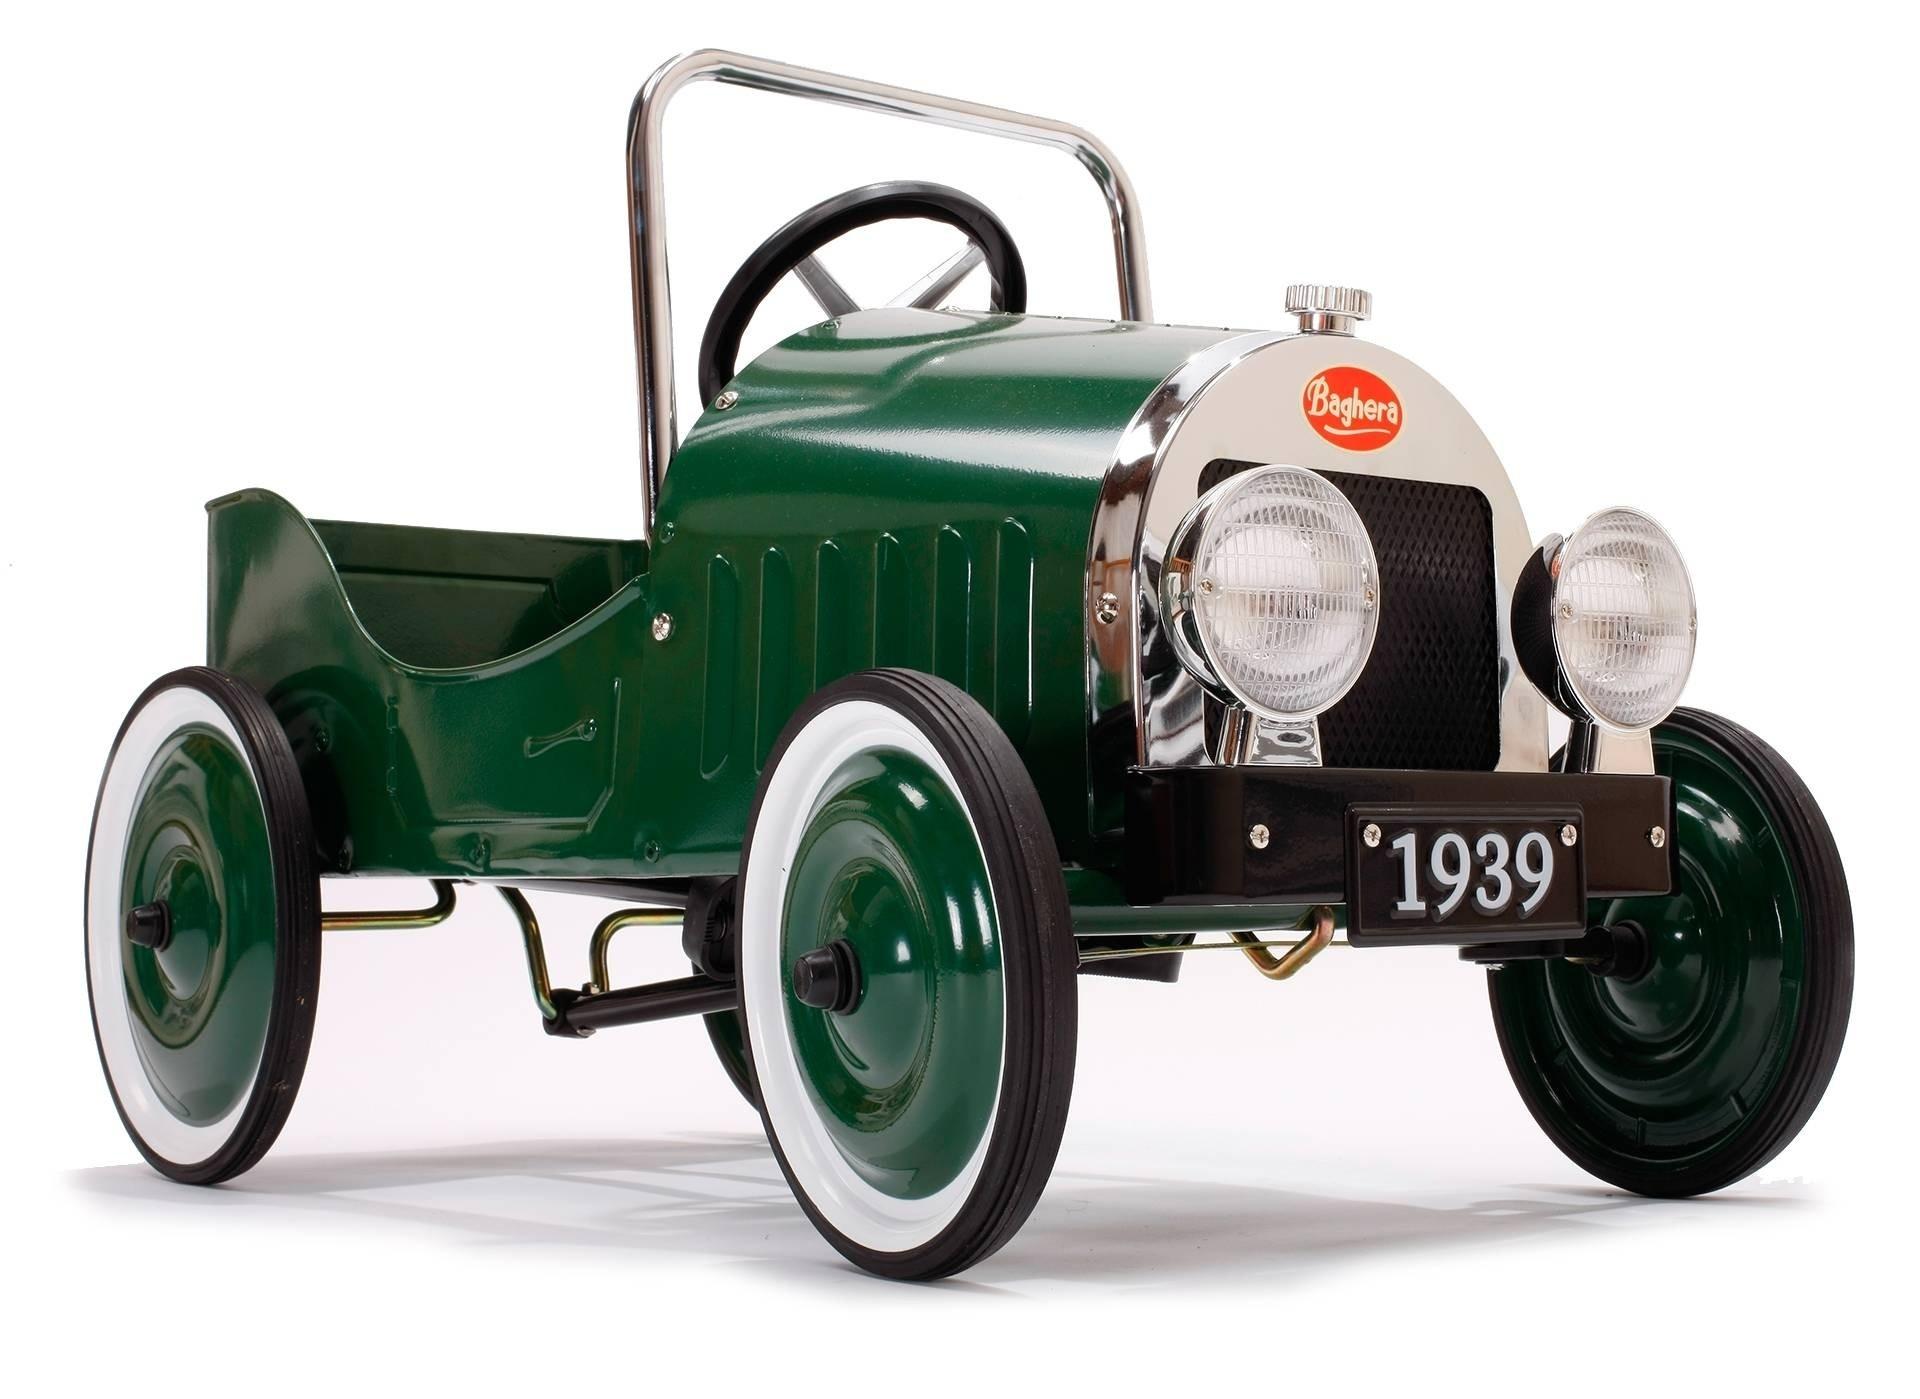 Fotos Gratis Vendimia Rueda Vehiculo Auto Antiguo Estano